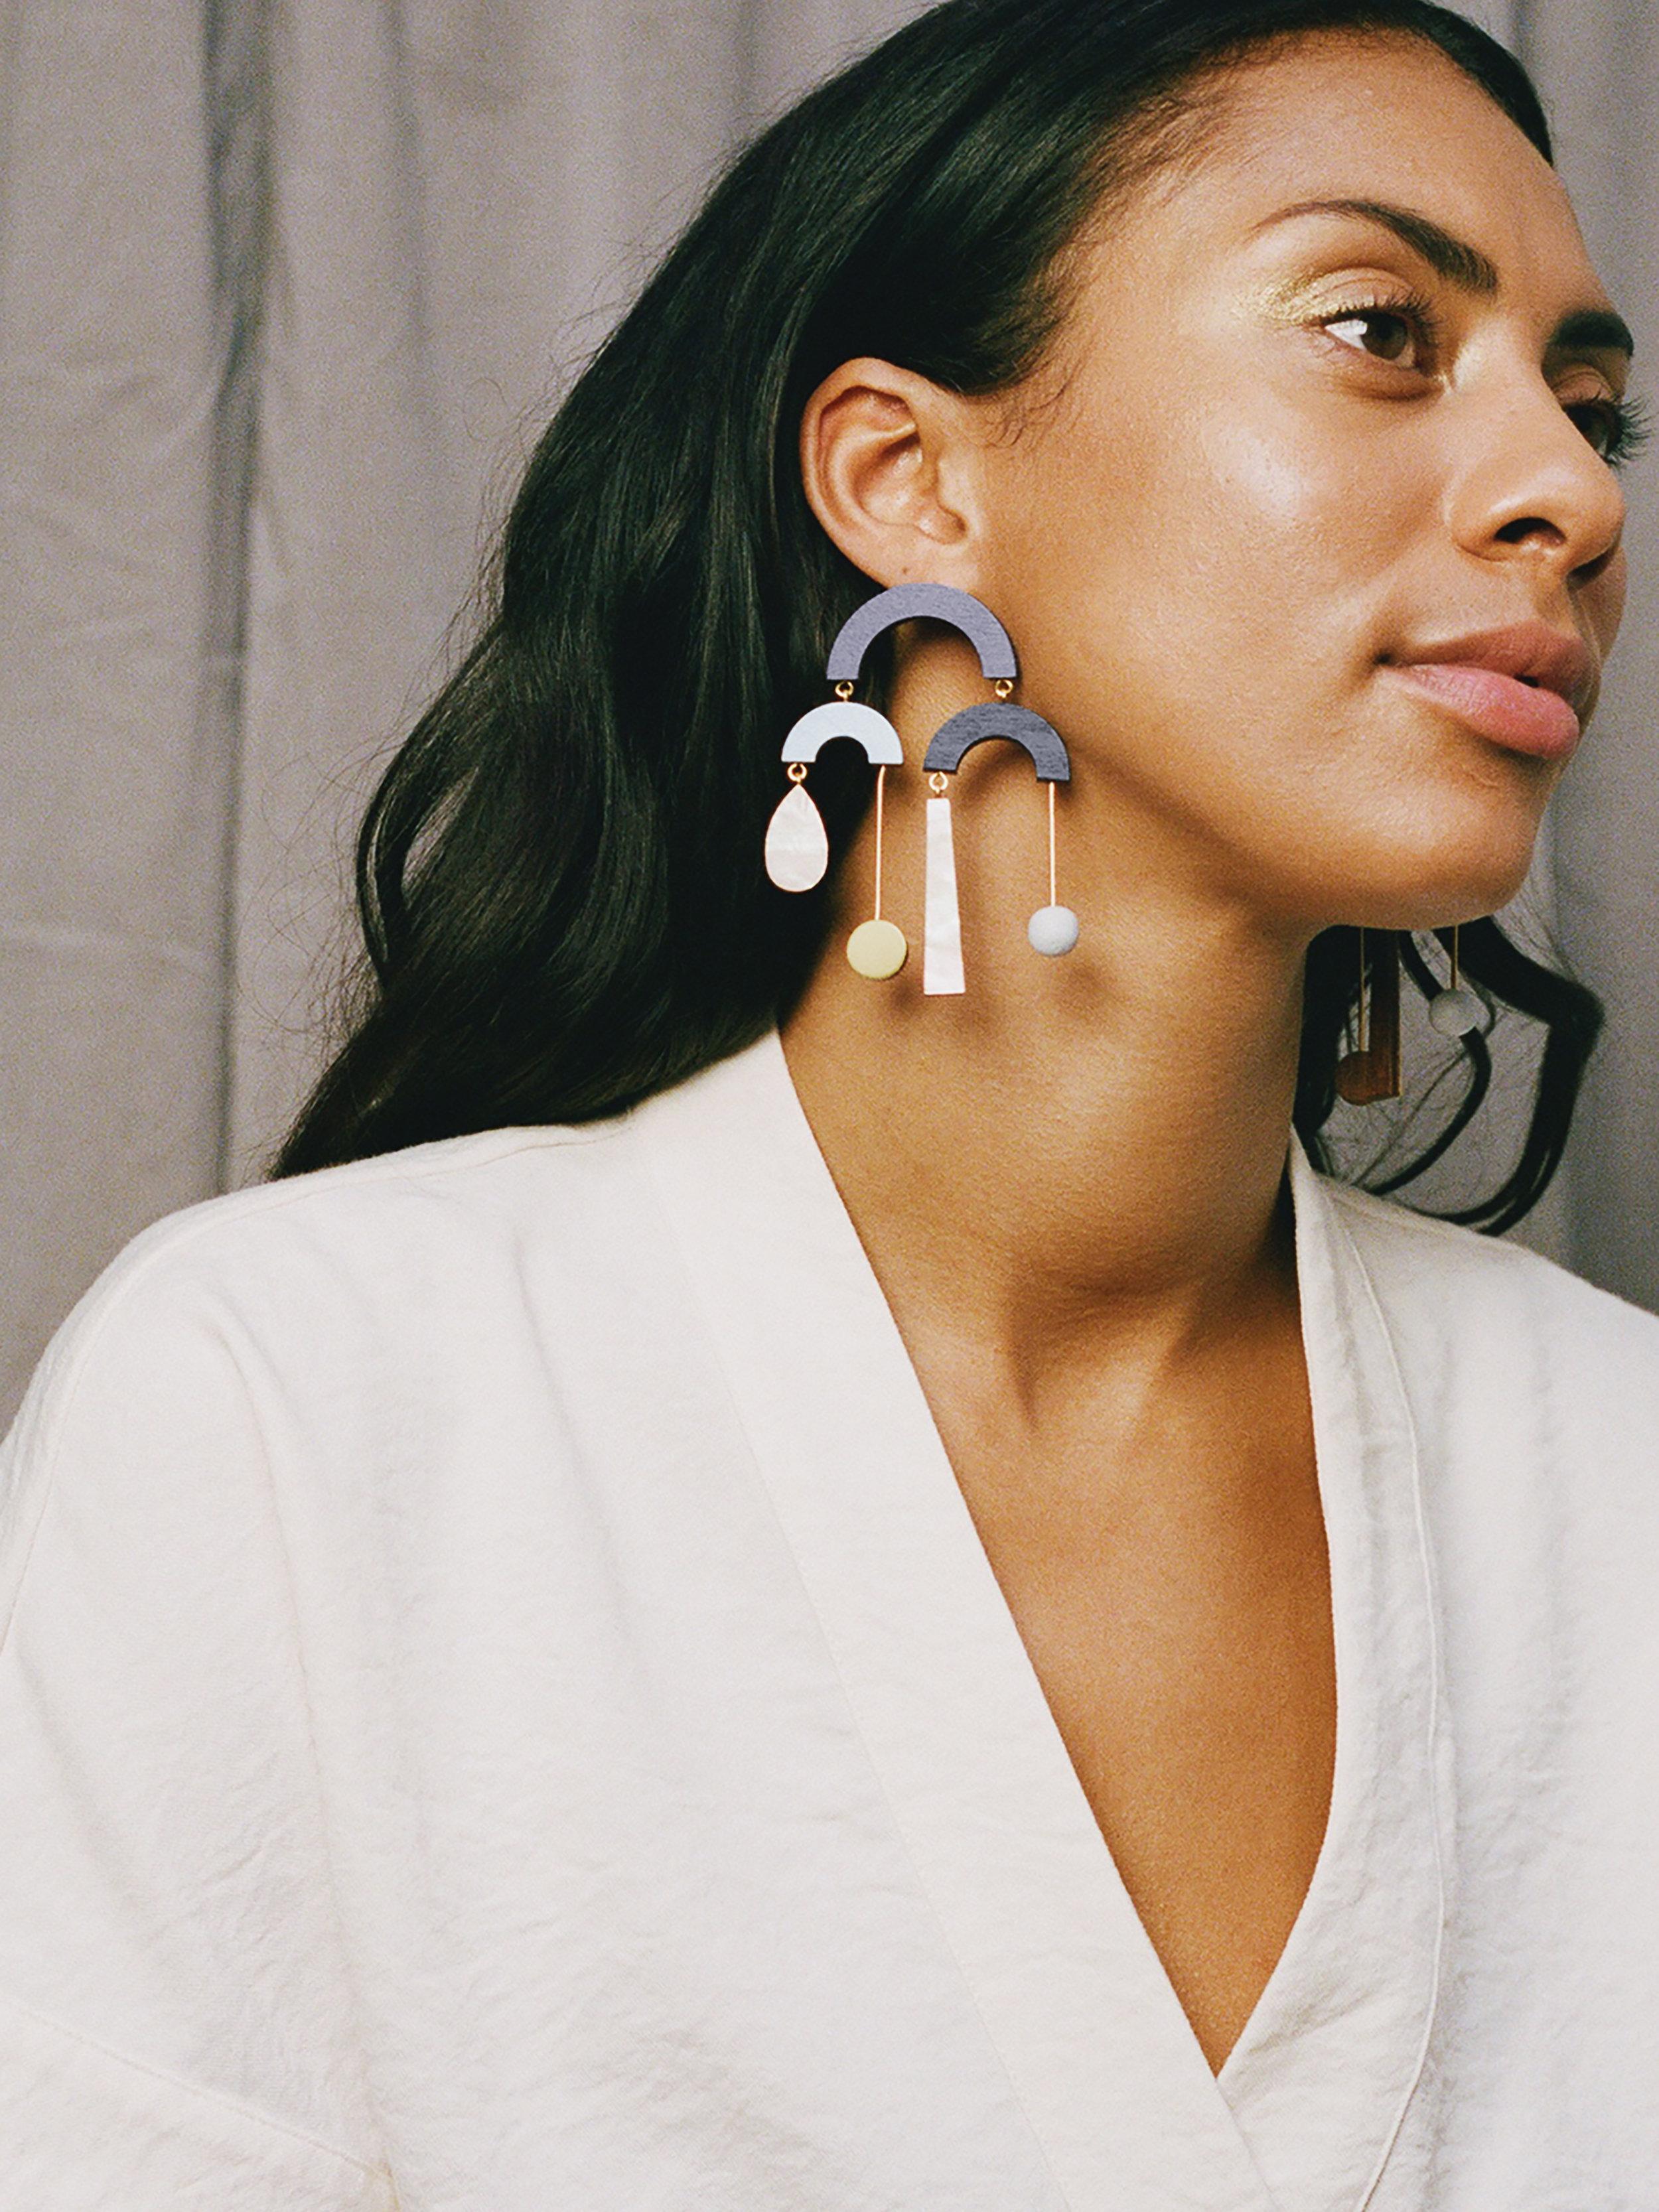 fountain-earrings-blue-model-1-1500.jpg